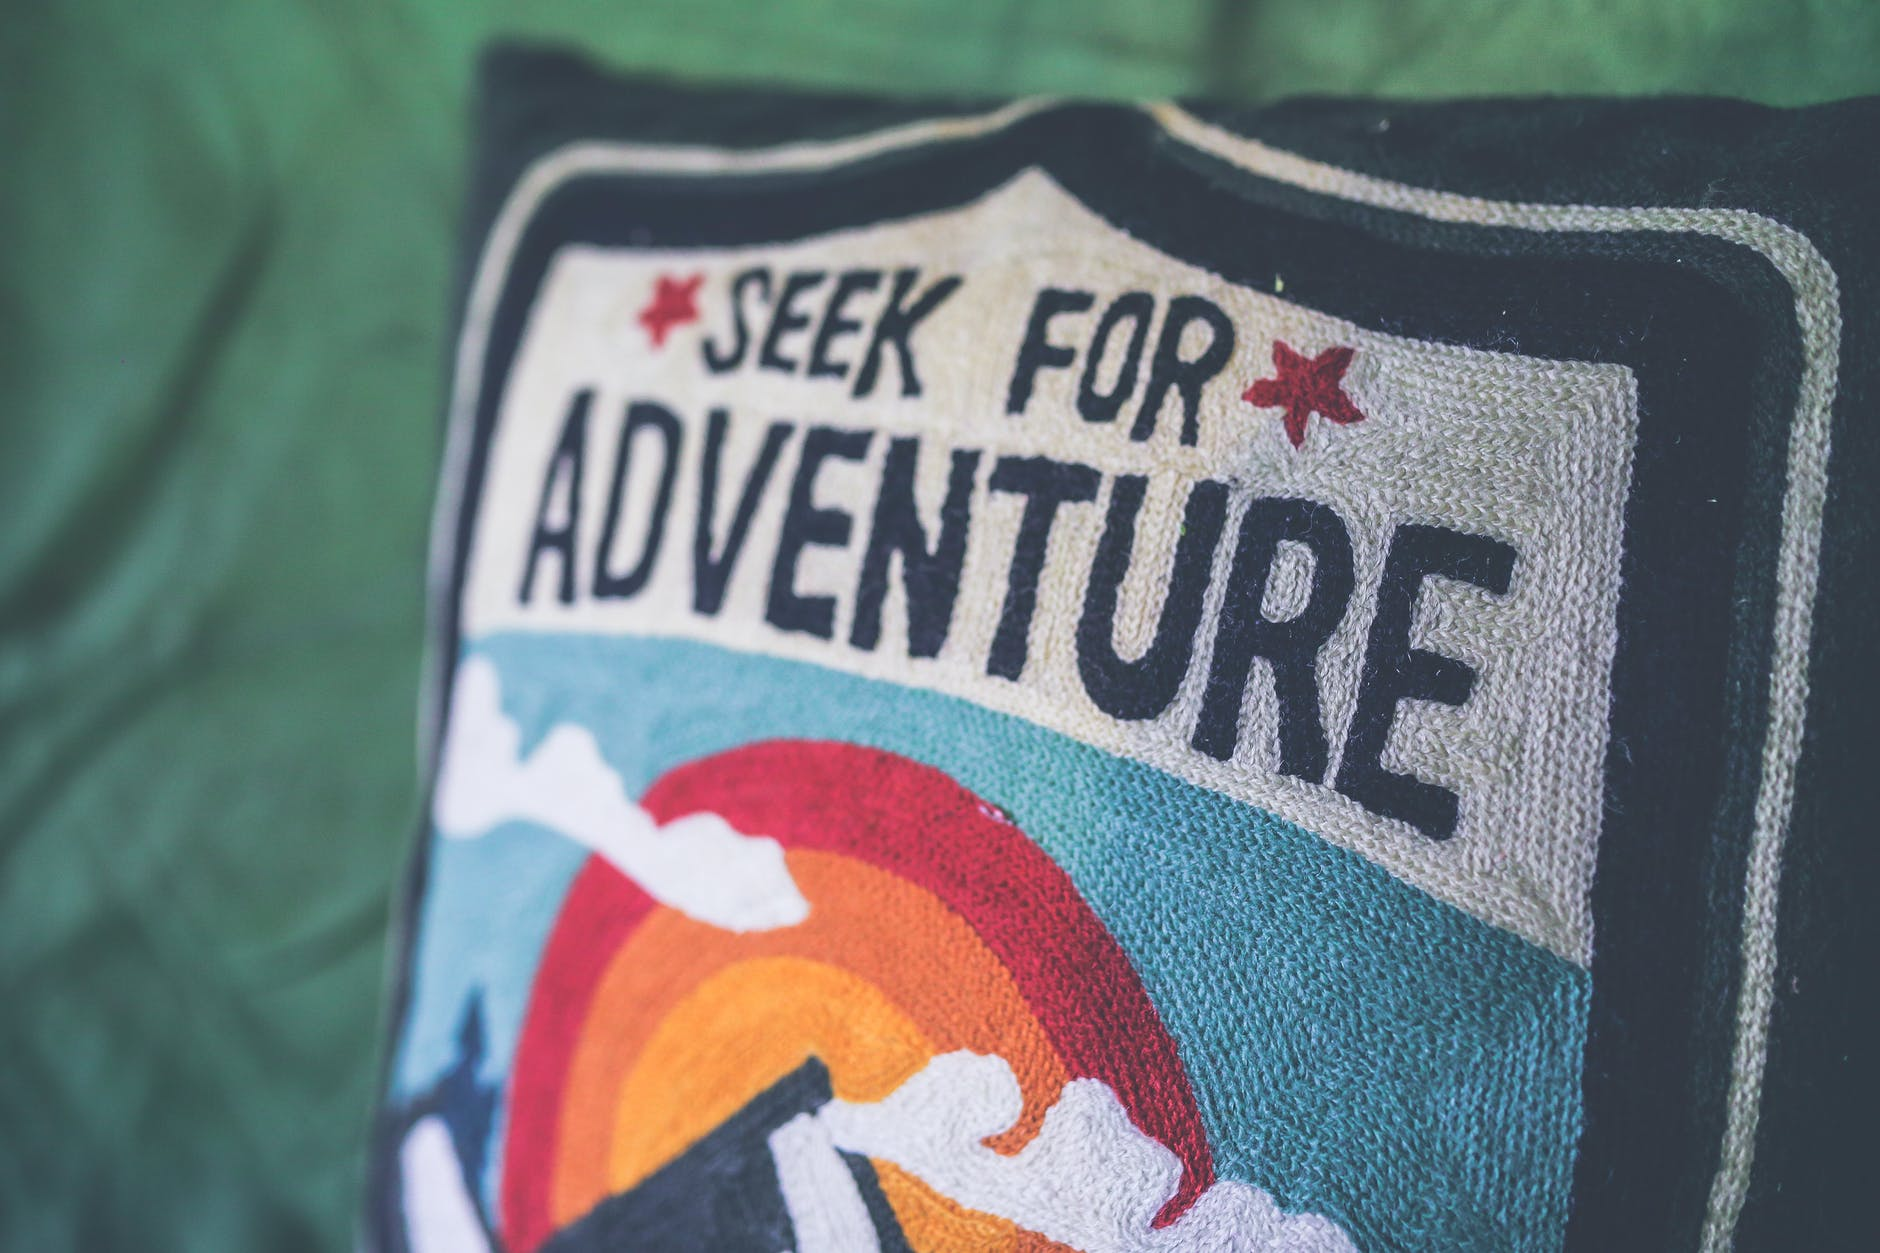 seek for adventure